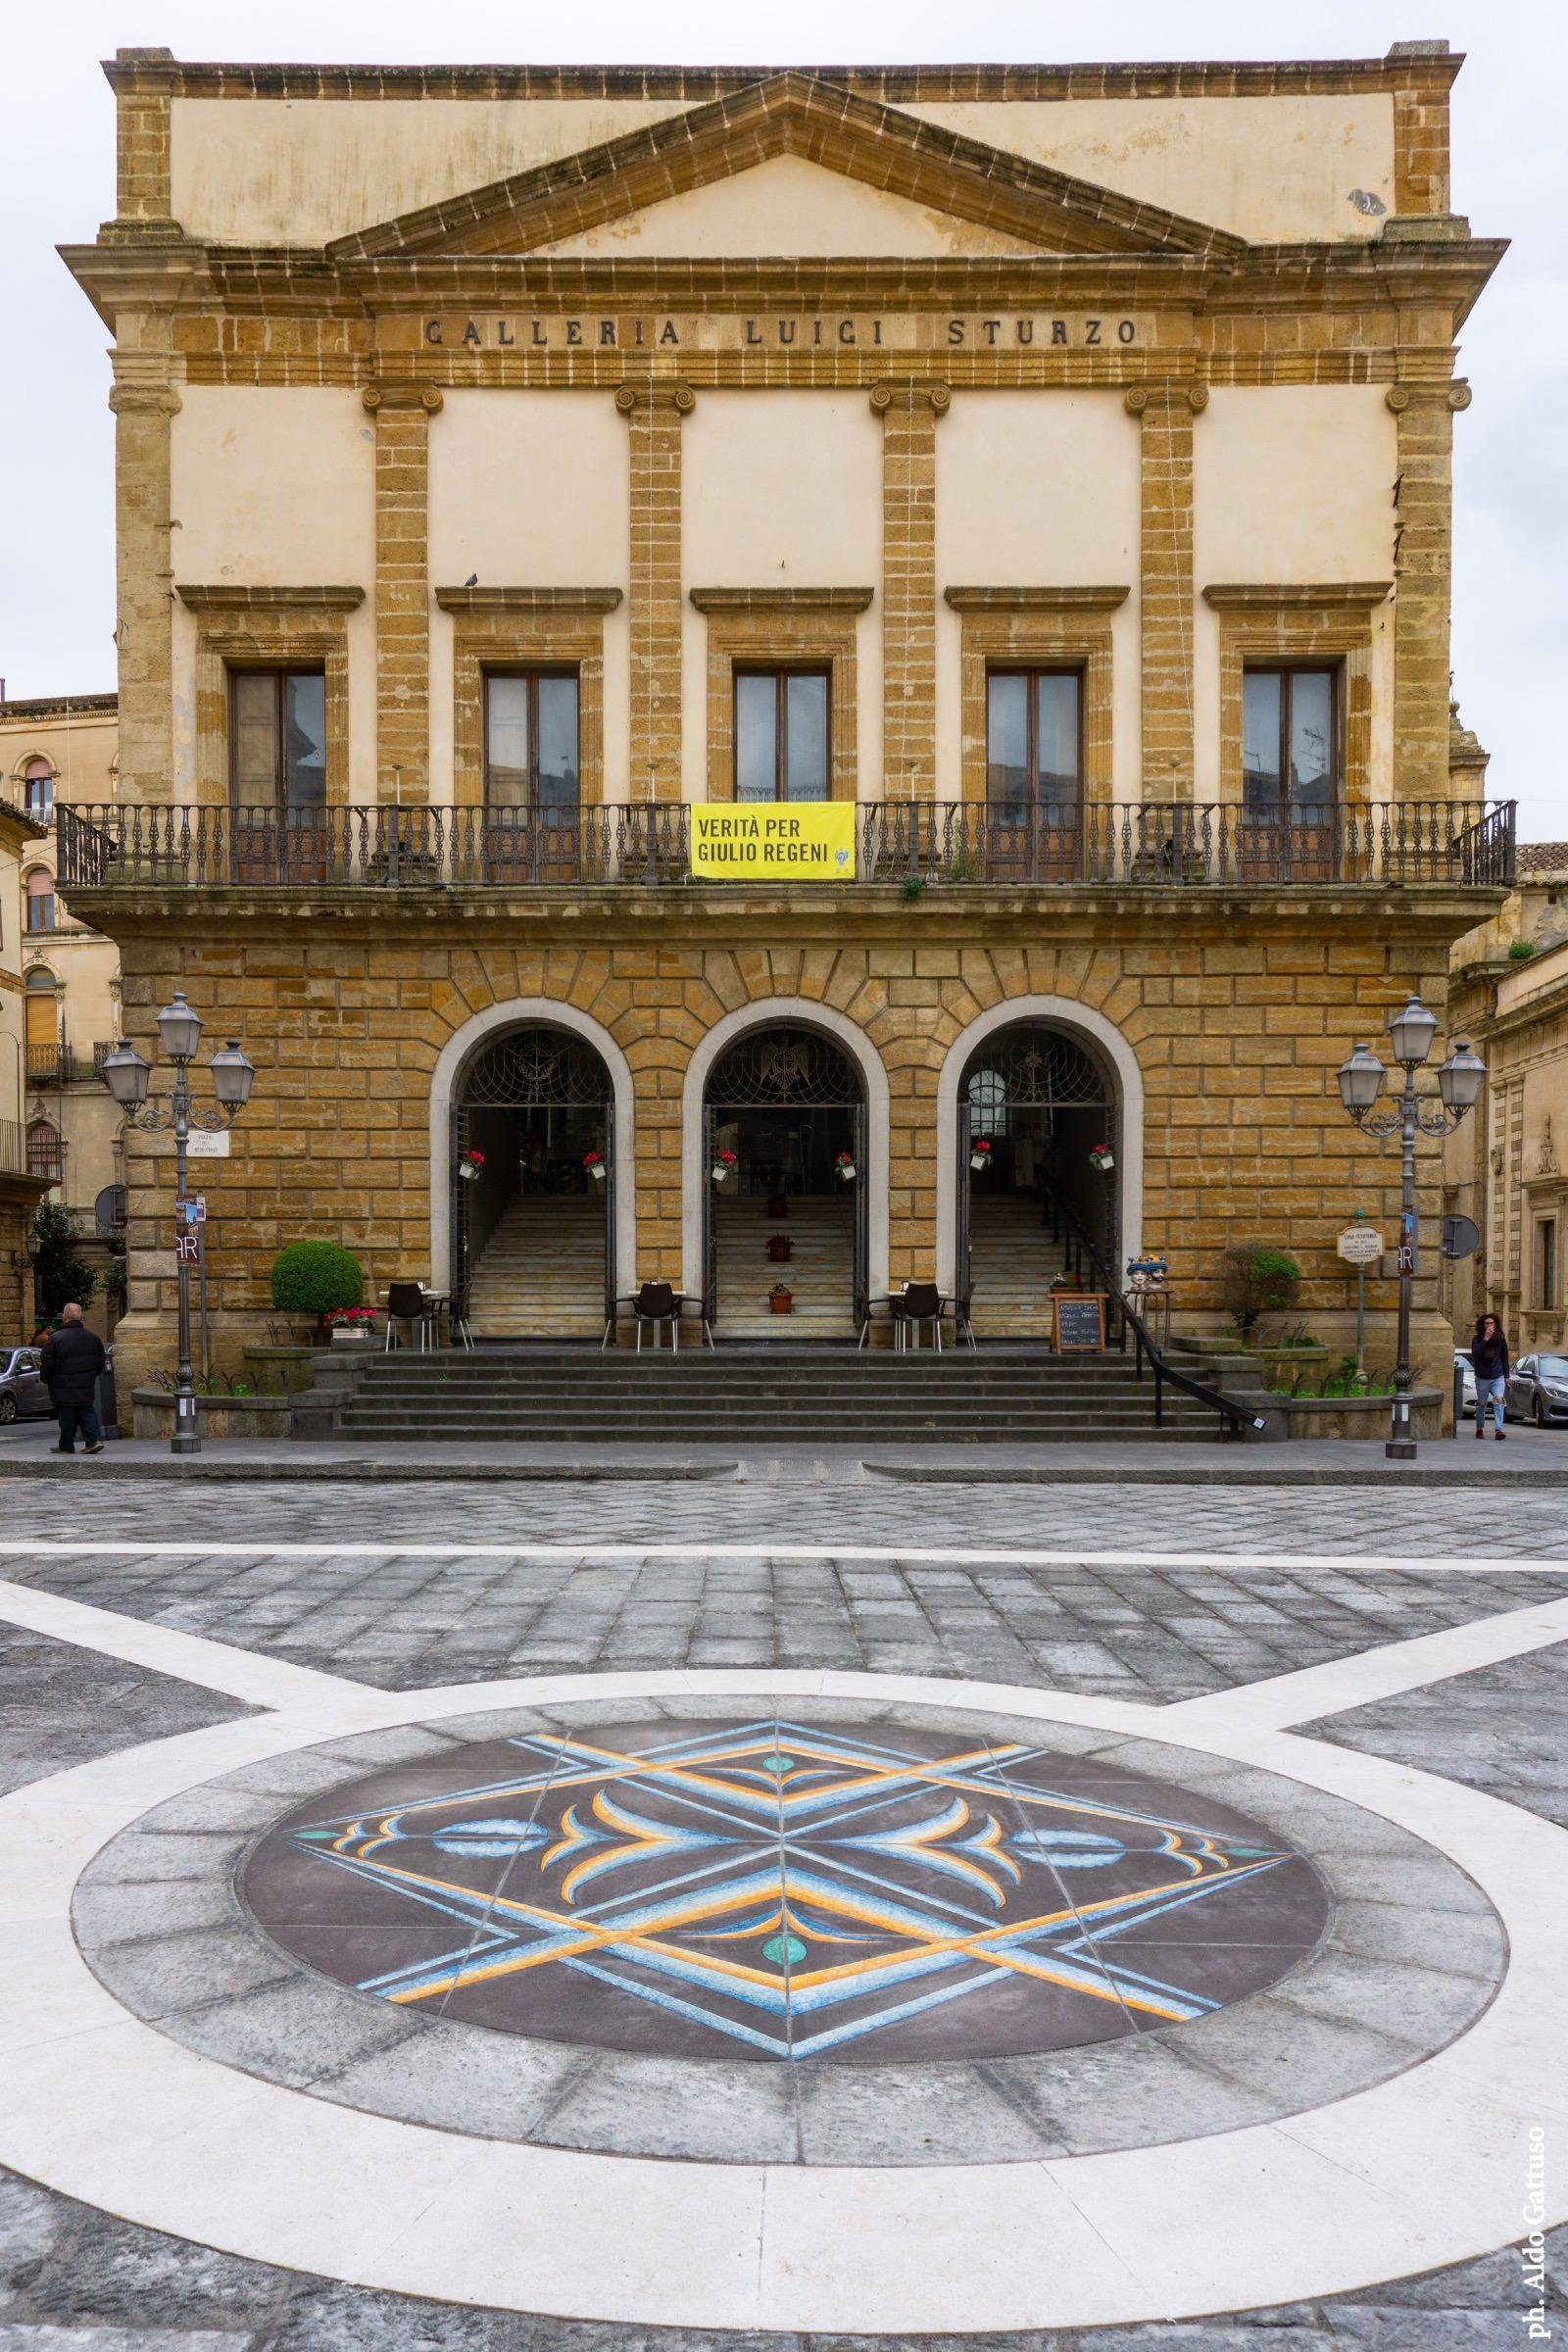 madeamano-work-2020-02-Caltagirone-piazza-municipio-03